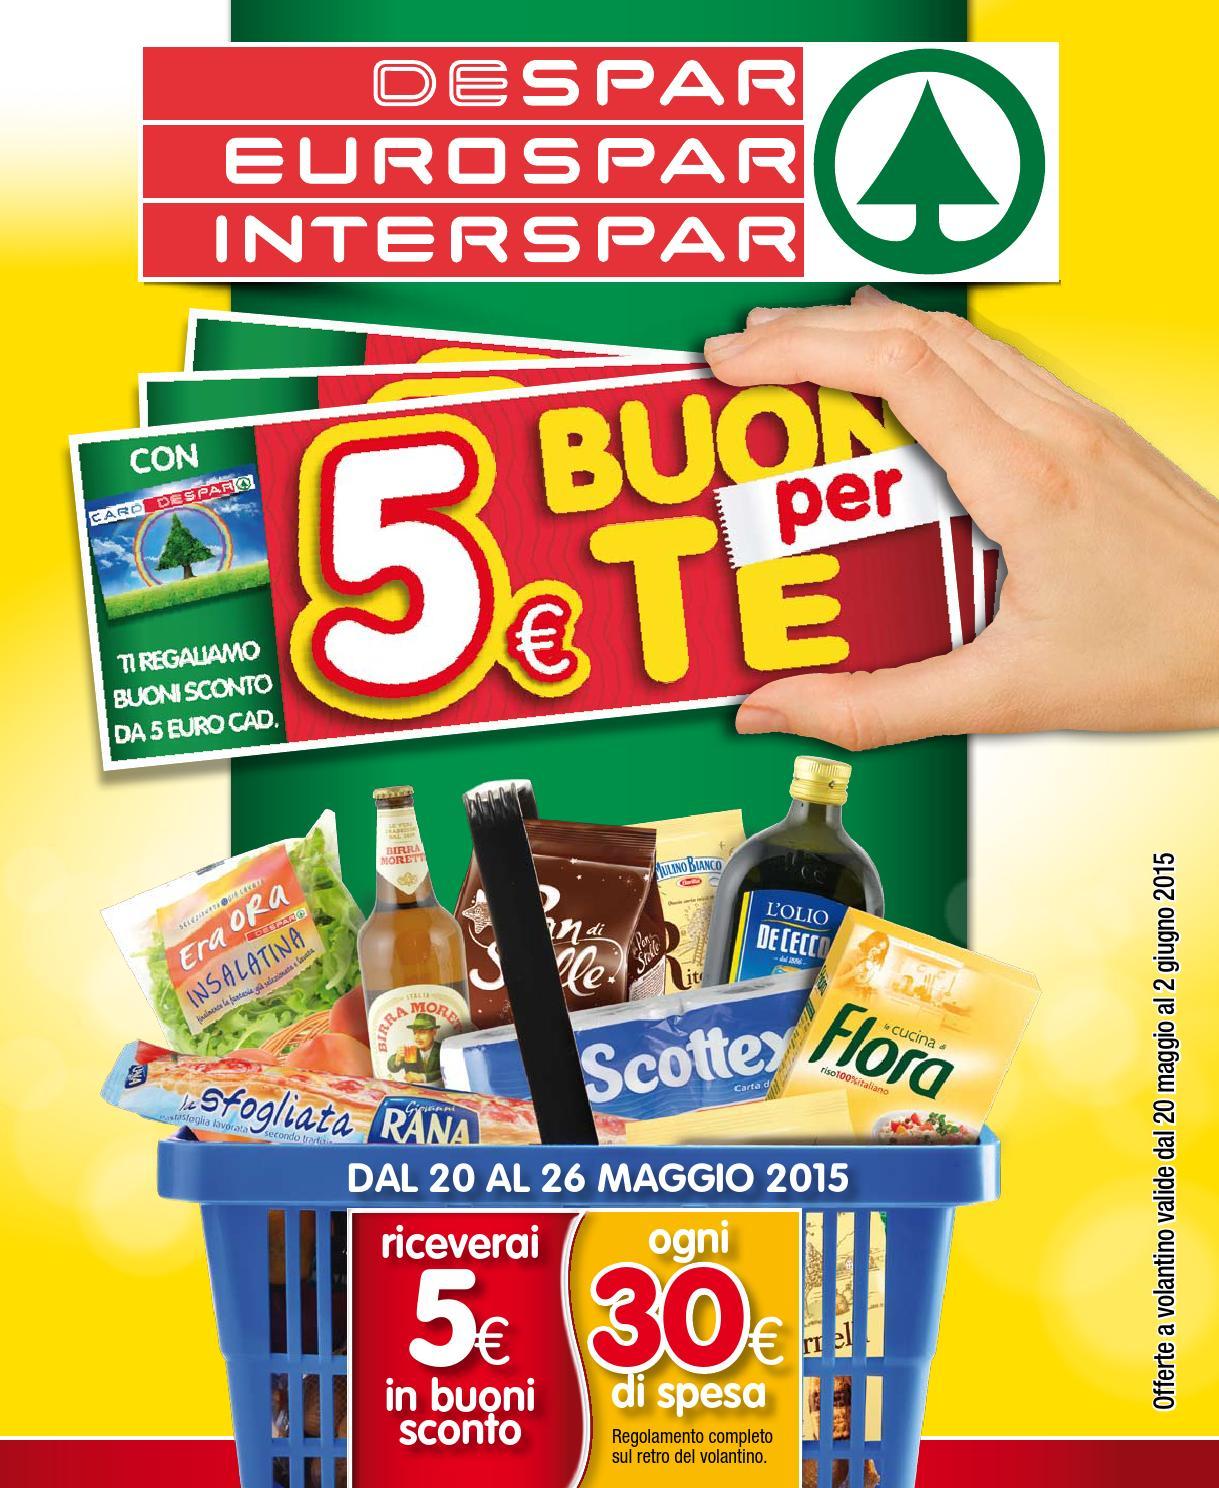 Despar eurospar interspar volantino offerte 10 2015 by for Volantino offerte despar messina